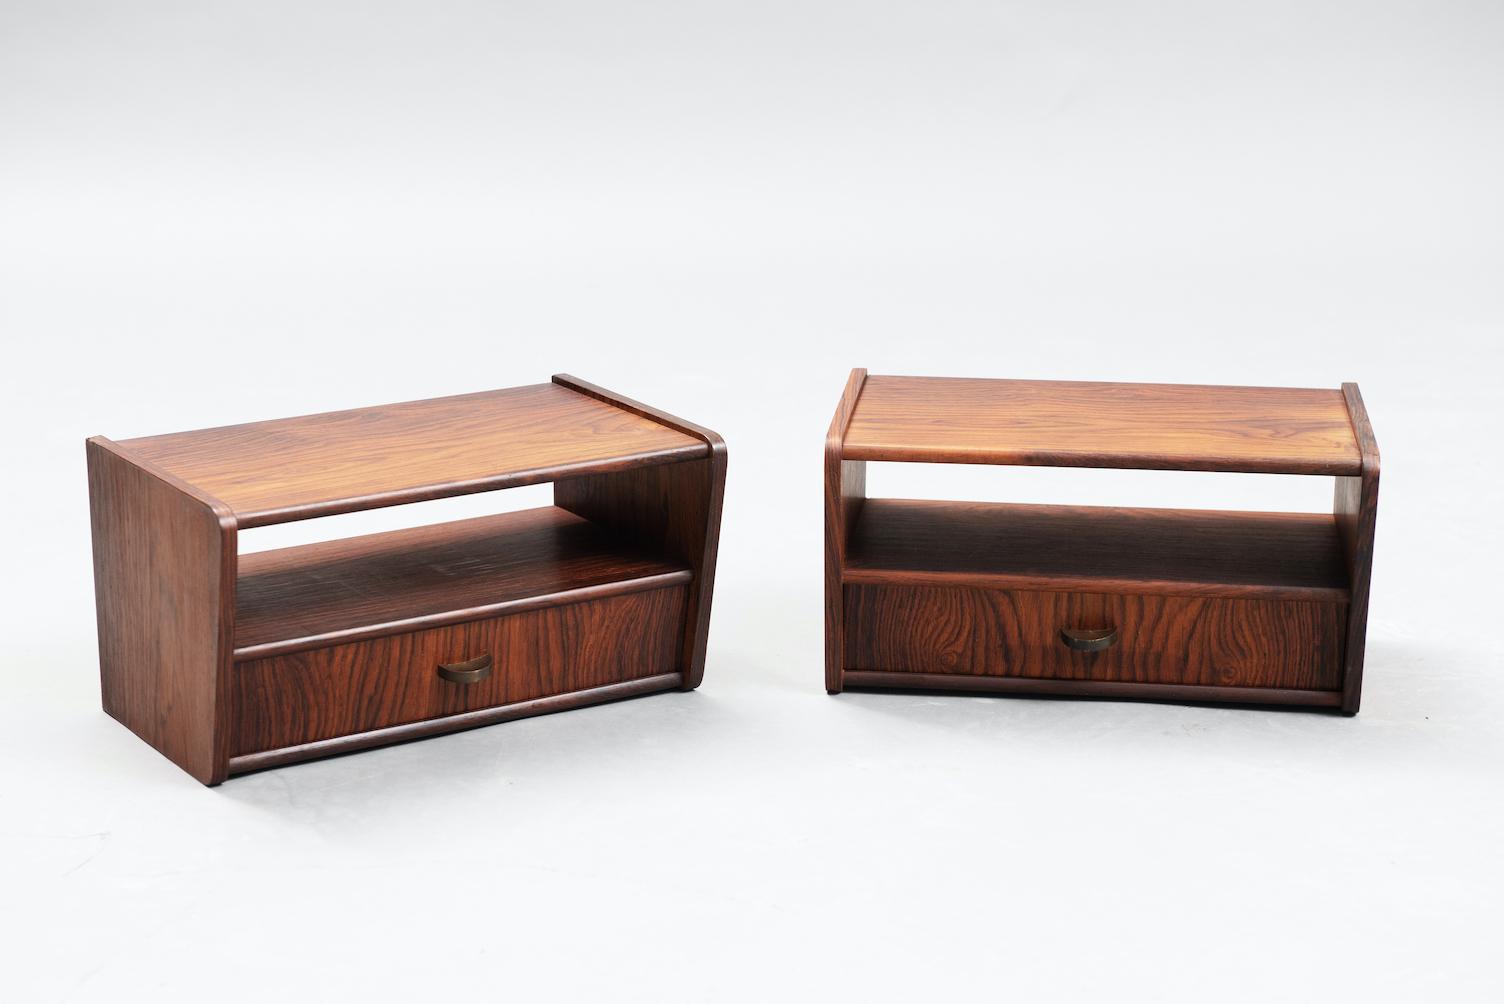 Rosewood Danish nightstands